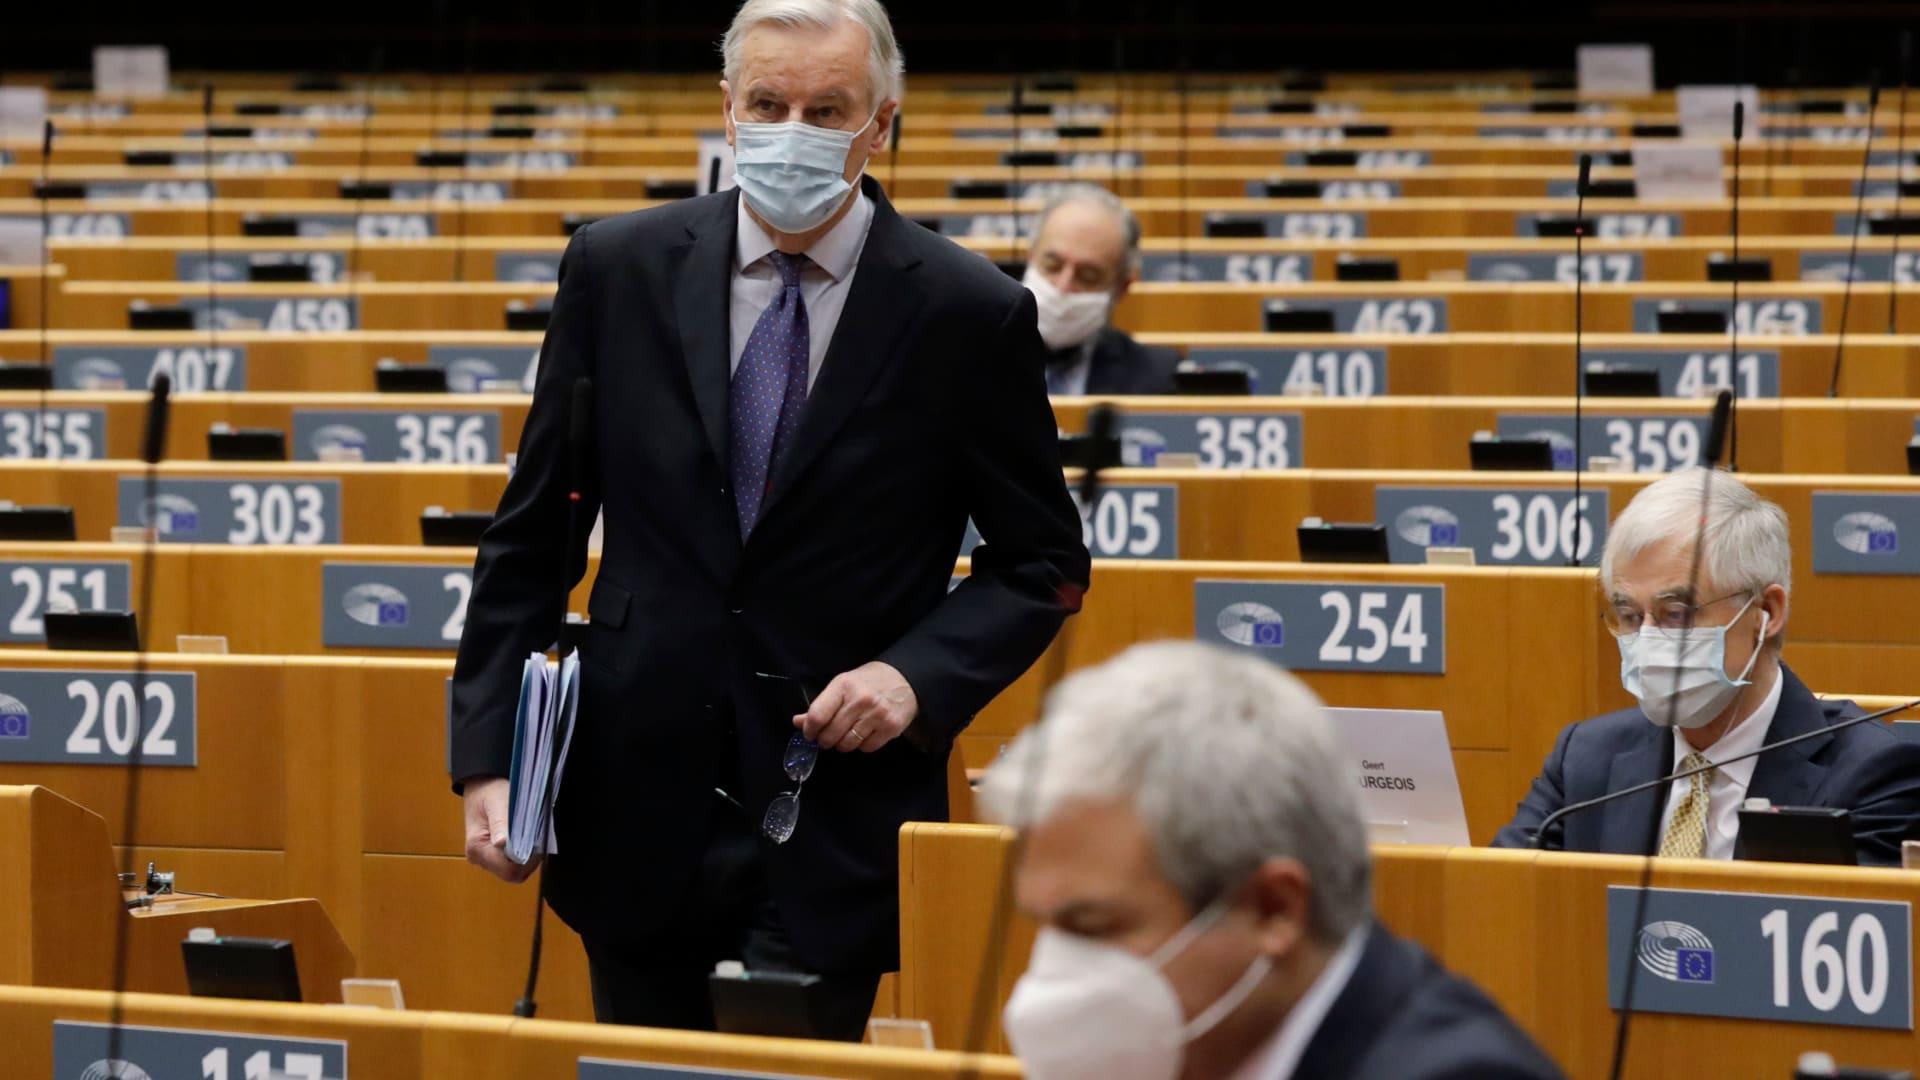 البرلمان الأوروبي يتبنى قرارًا حول وضع حقوق الإنسان في مصر.. ومجلس النواب يدين